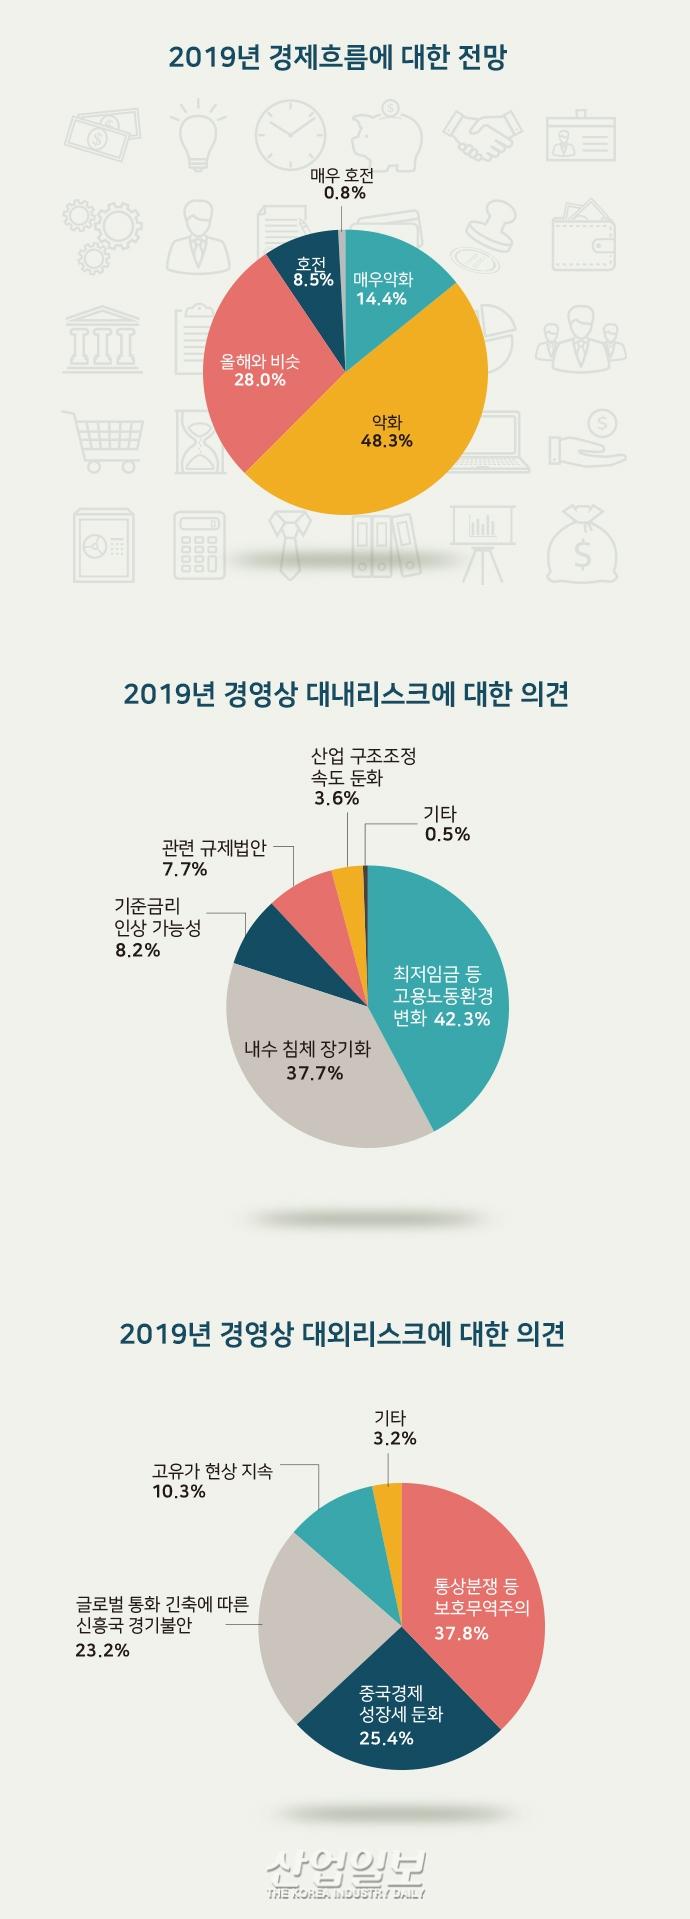 [그래픽뉴스] 올해 경제흐름 62.7% '악화' 또는 '매우 악화'